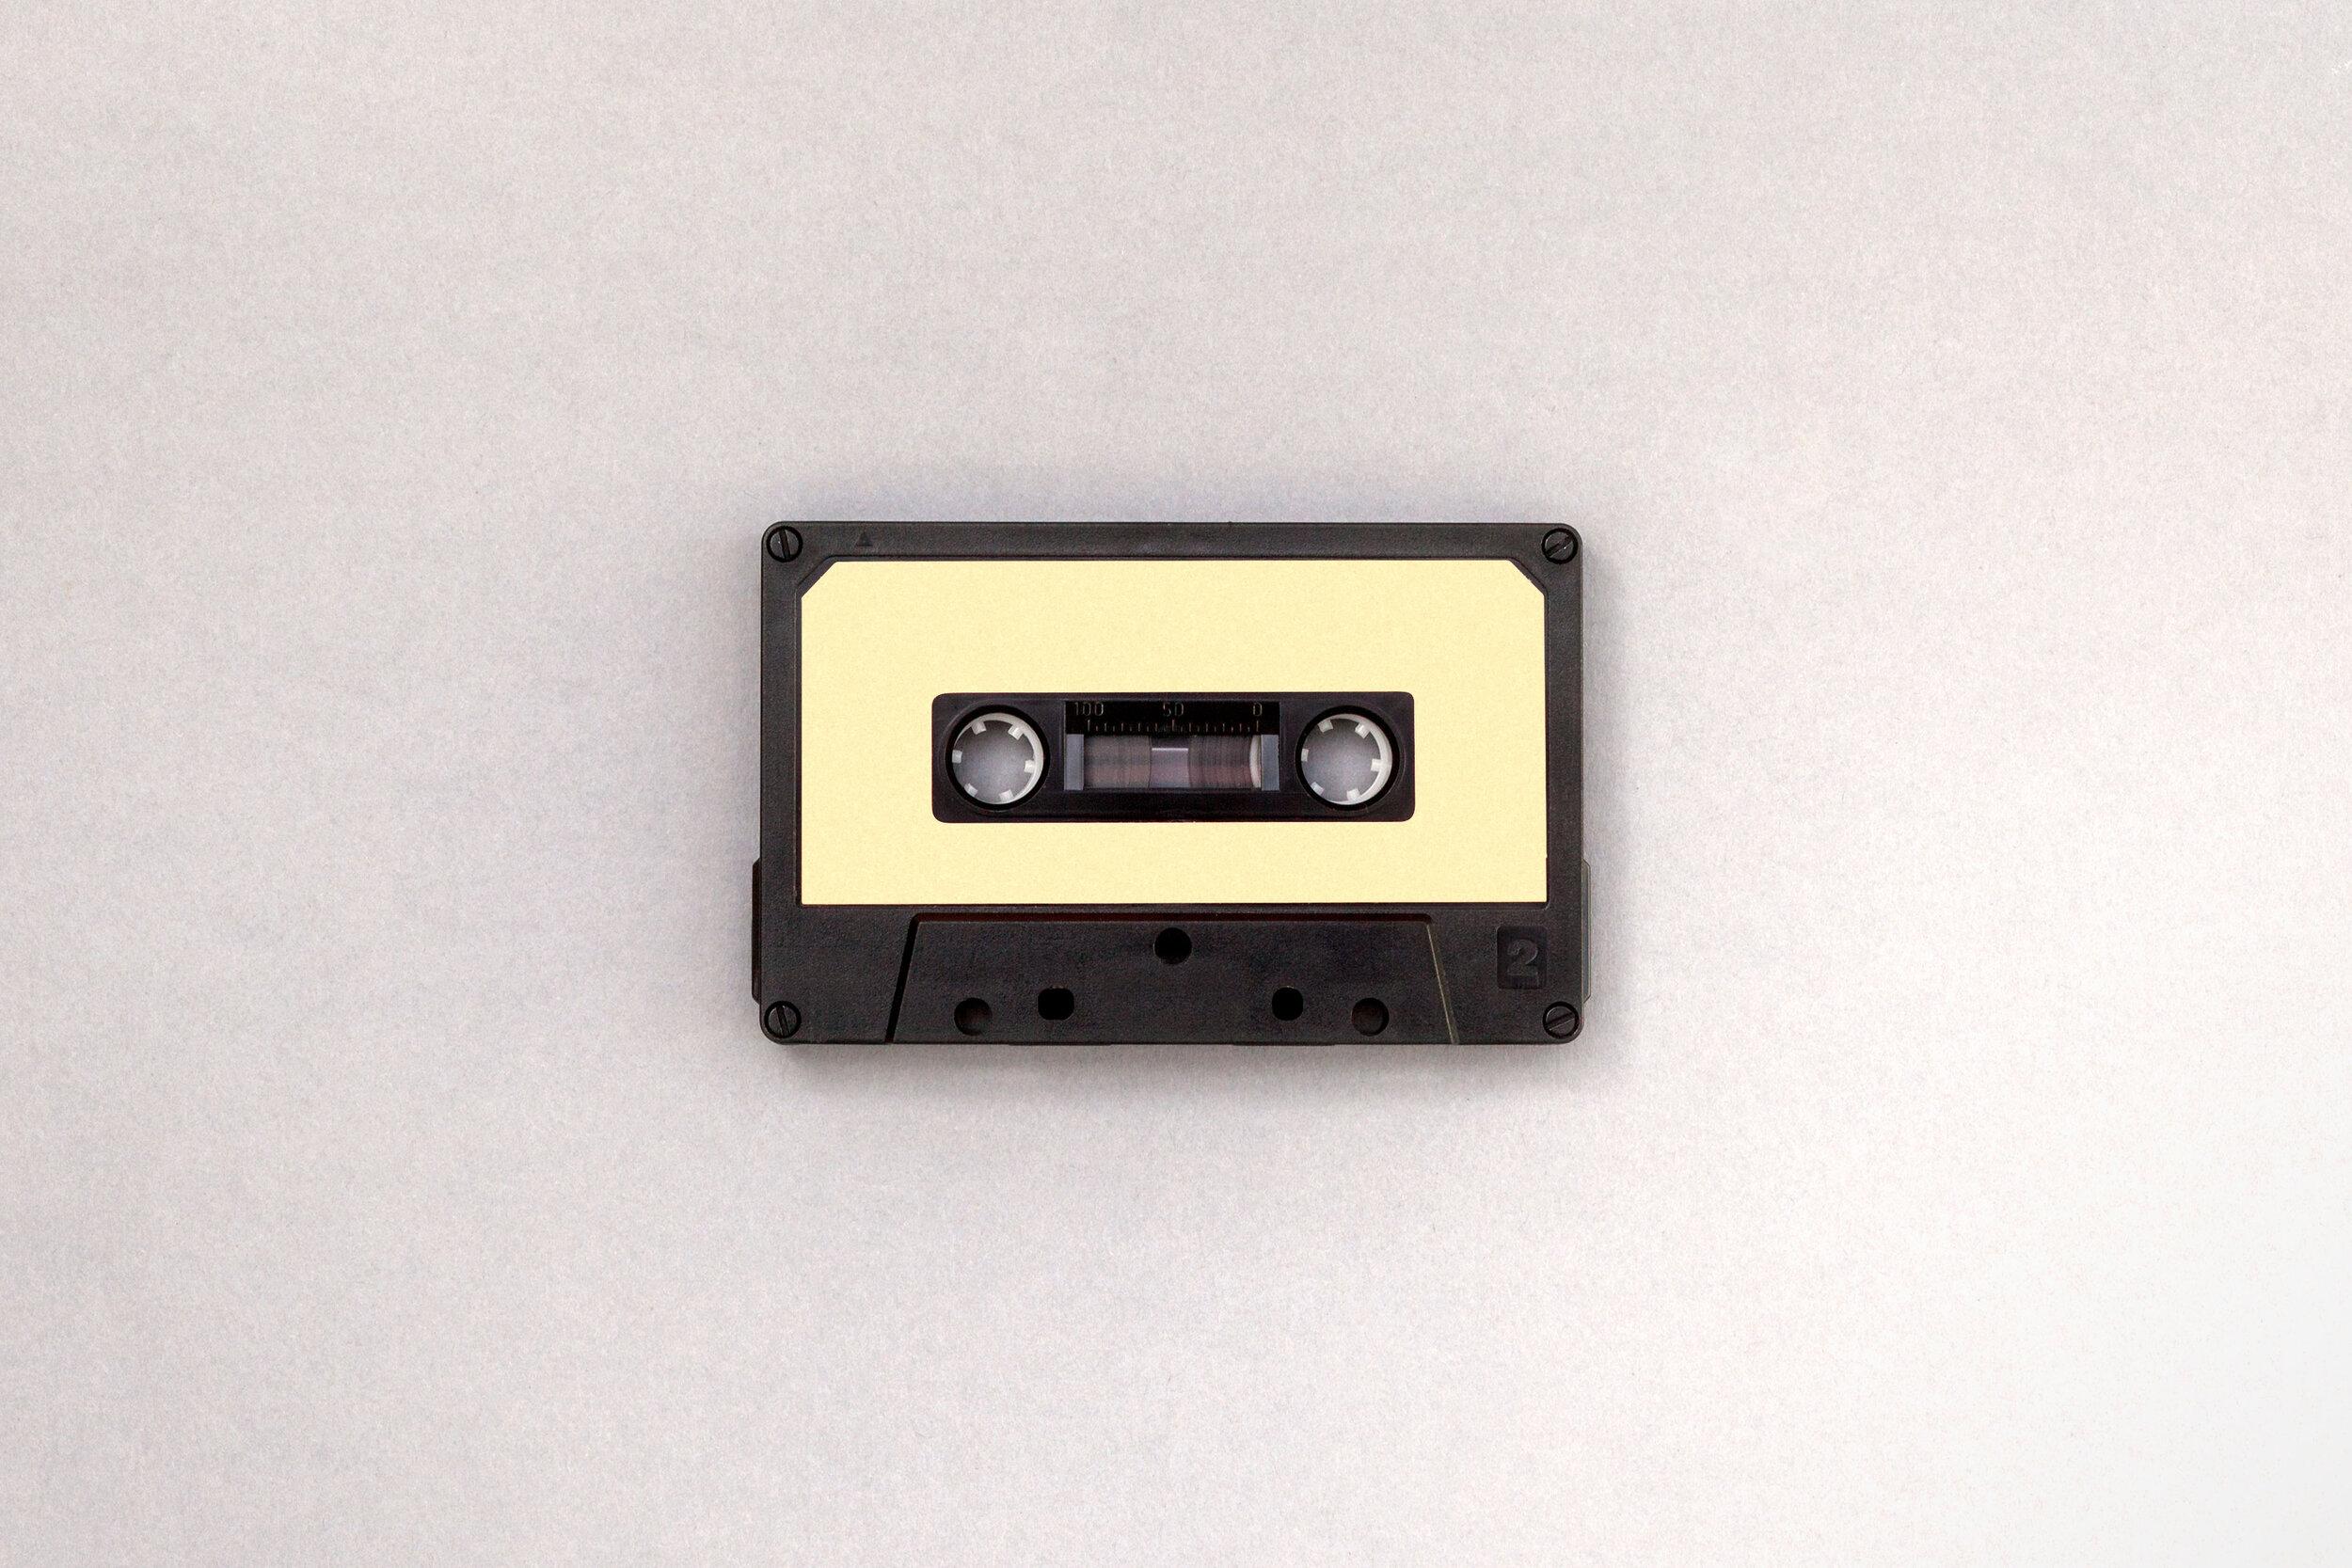 - Audio